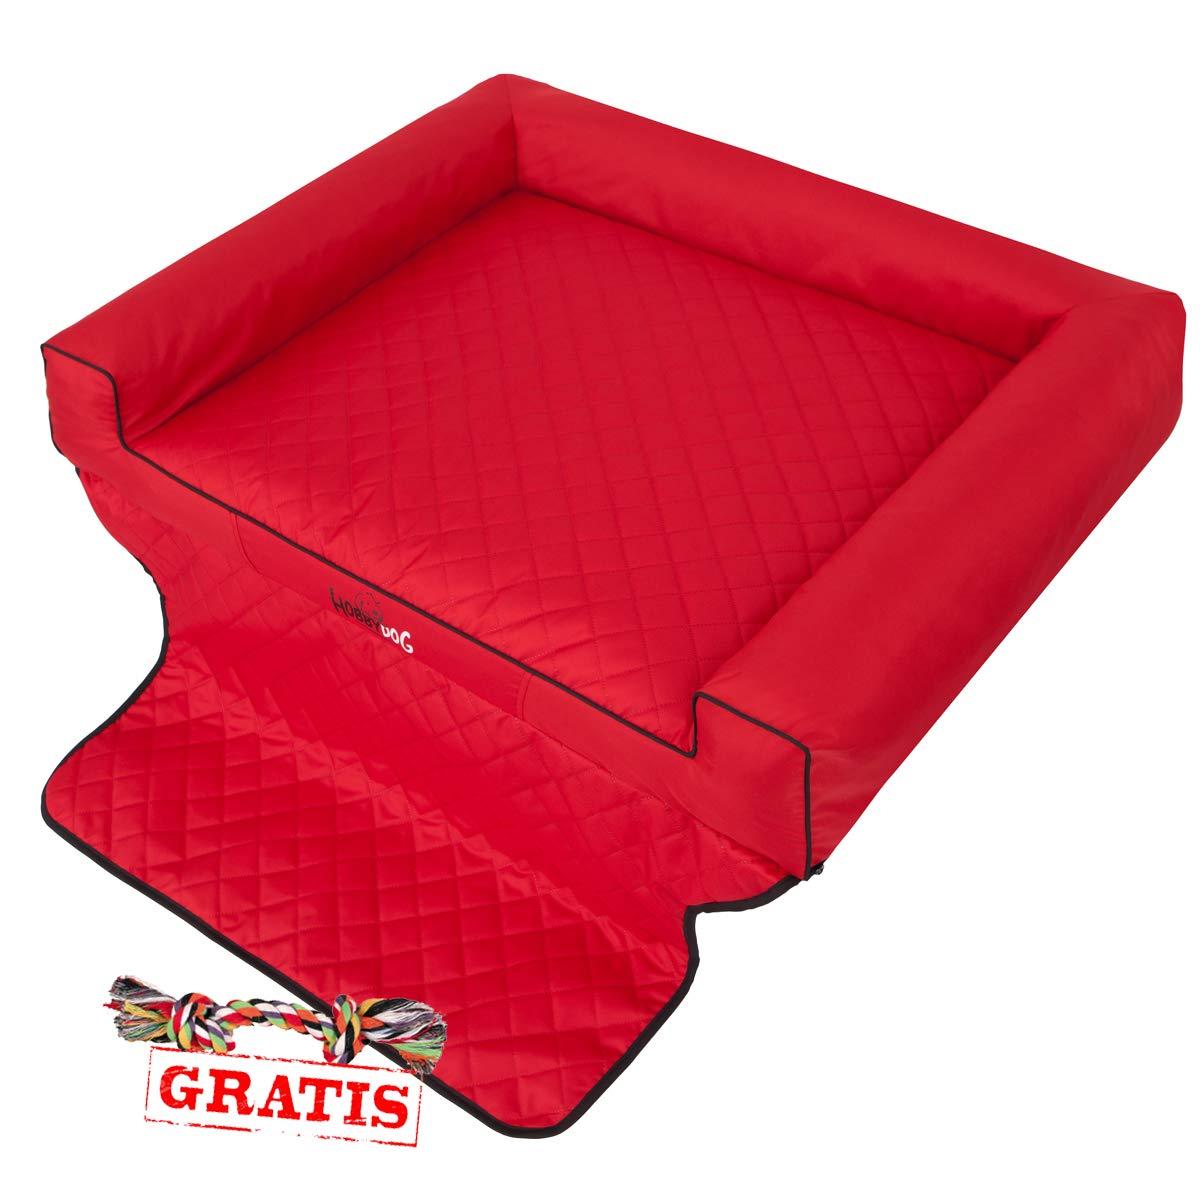 Hobbydog VIKI Trunk vitcze6 + Ball gratis Auto Protección techo para maletero Colchón techo (4 Tamaños Diferentes): Amazon.es: Productos para mascotas